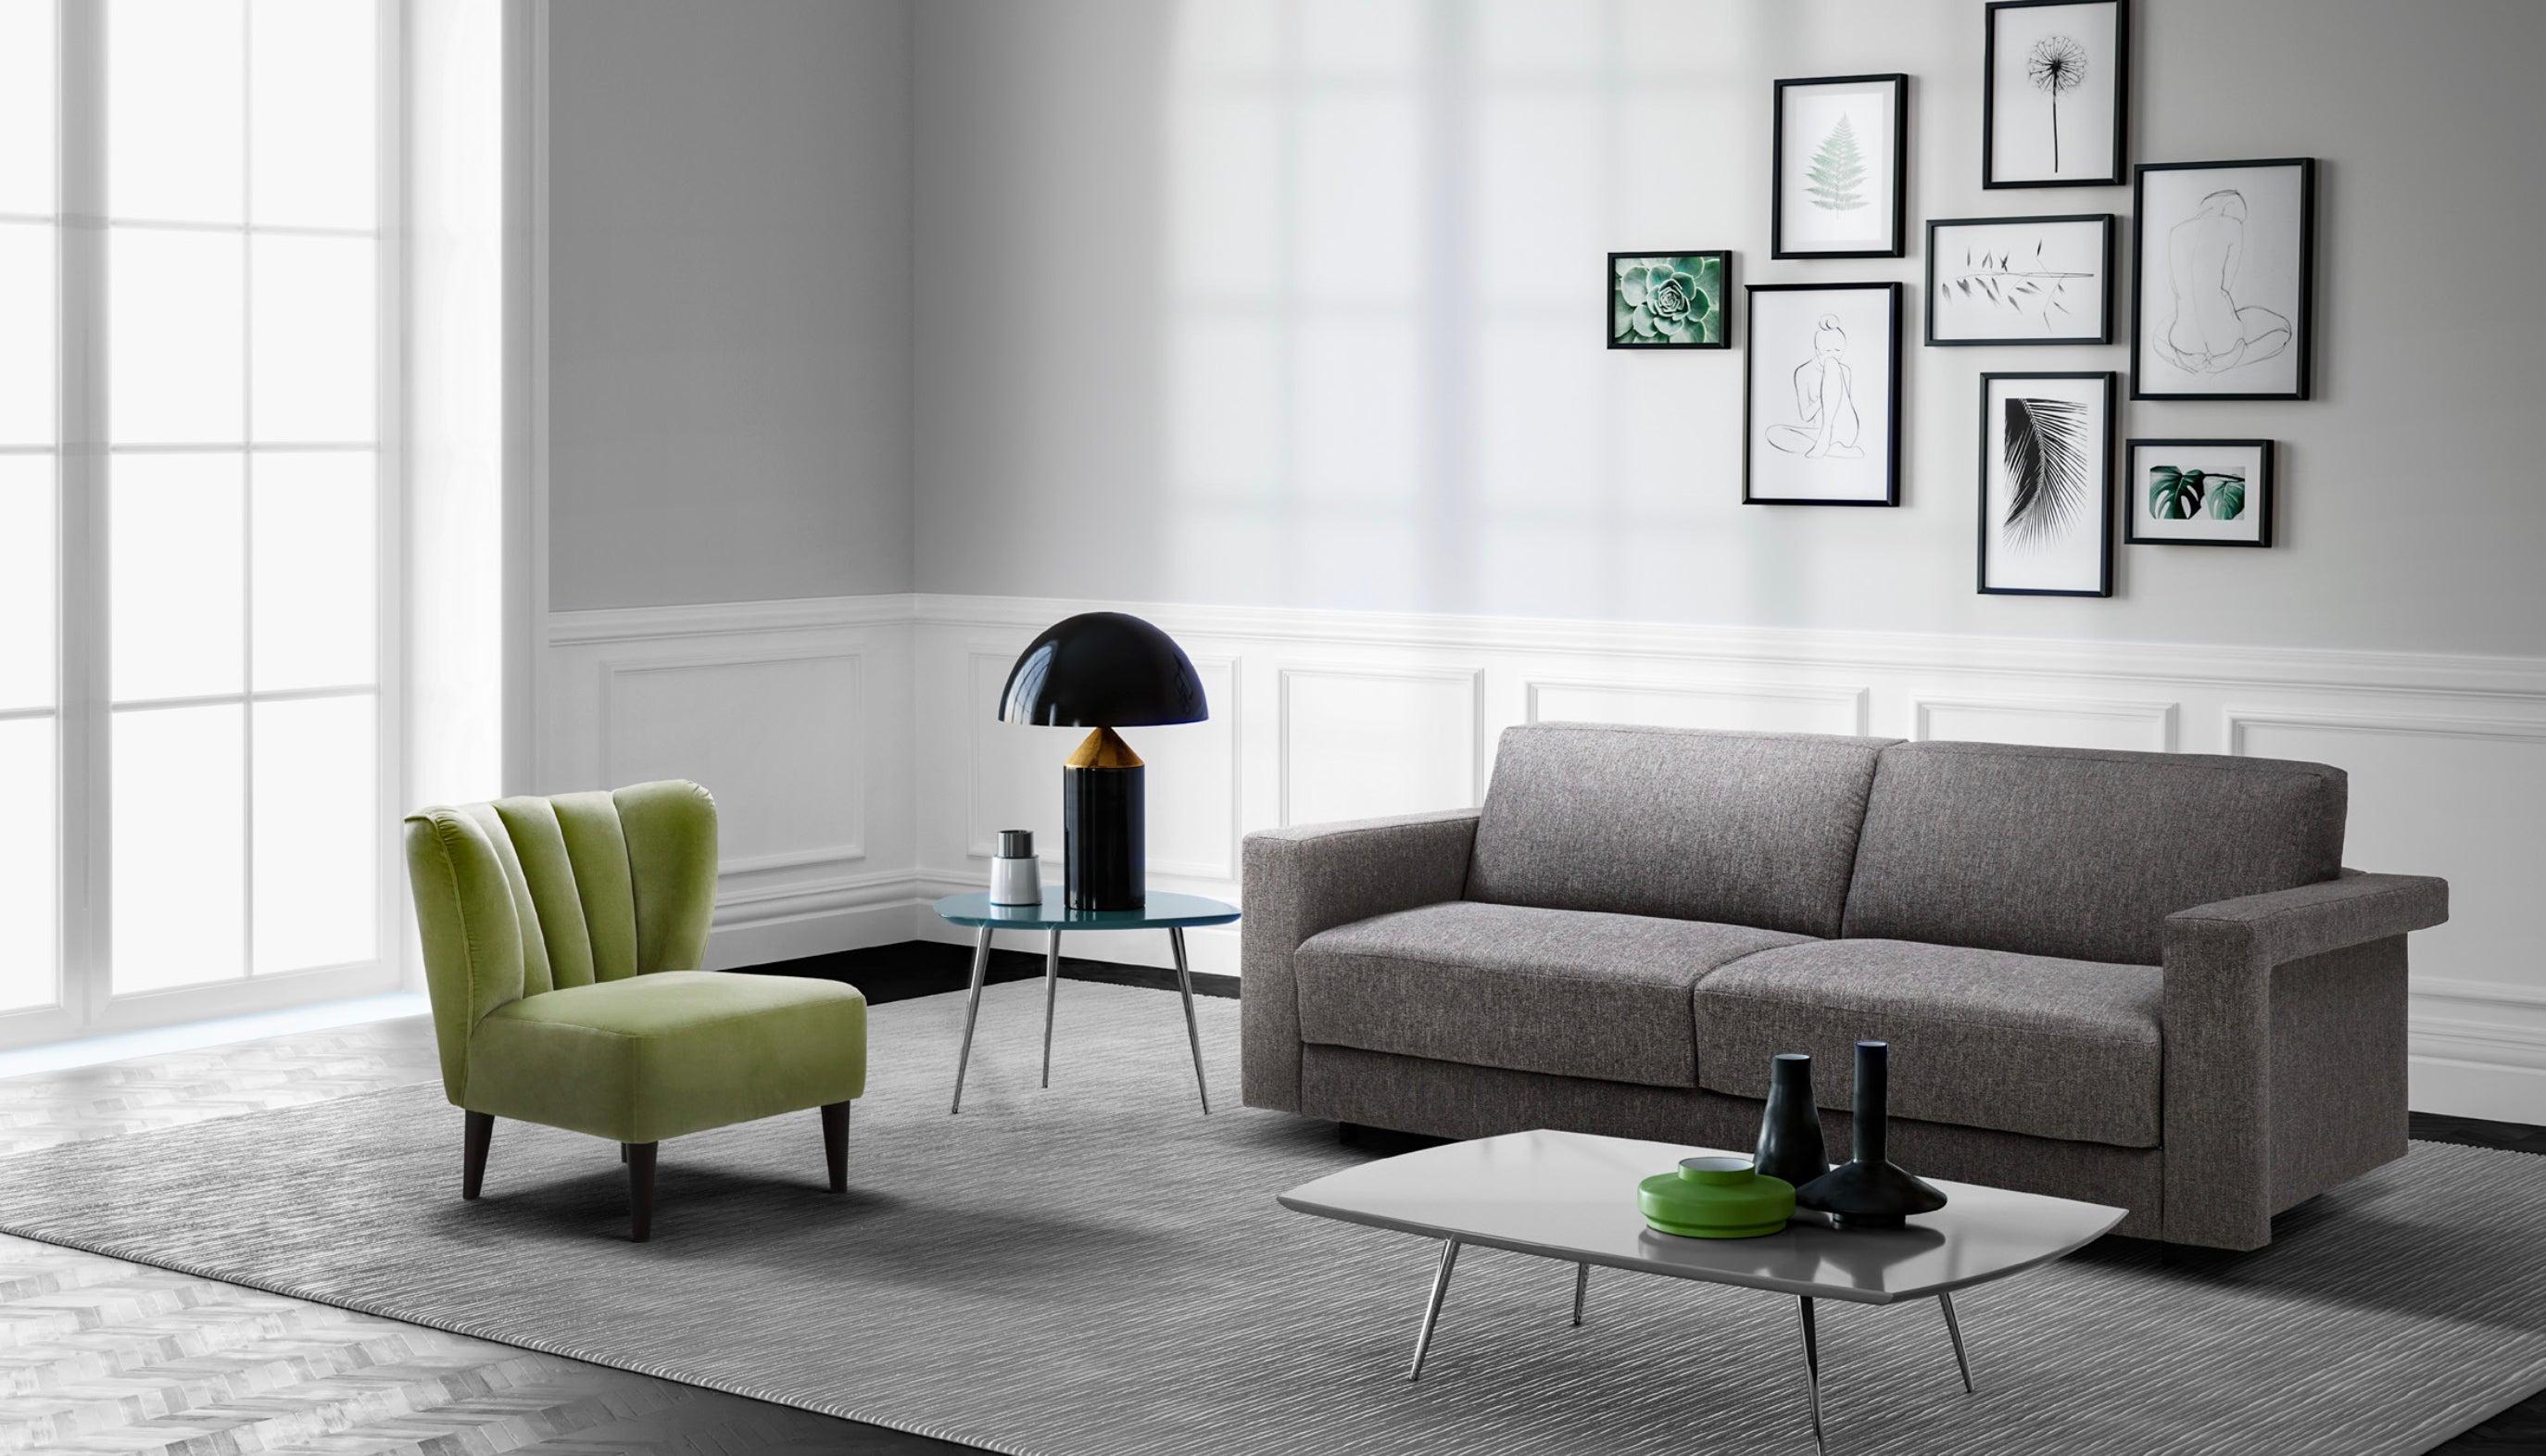 Modern Italian Sofa Bed, Convertible Sleeper Sofa Contemporary Design